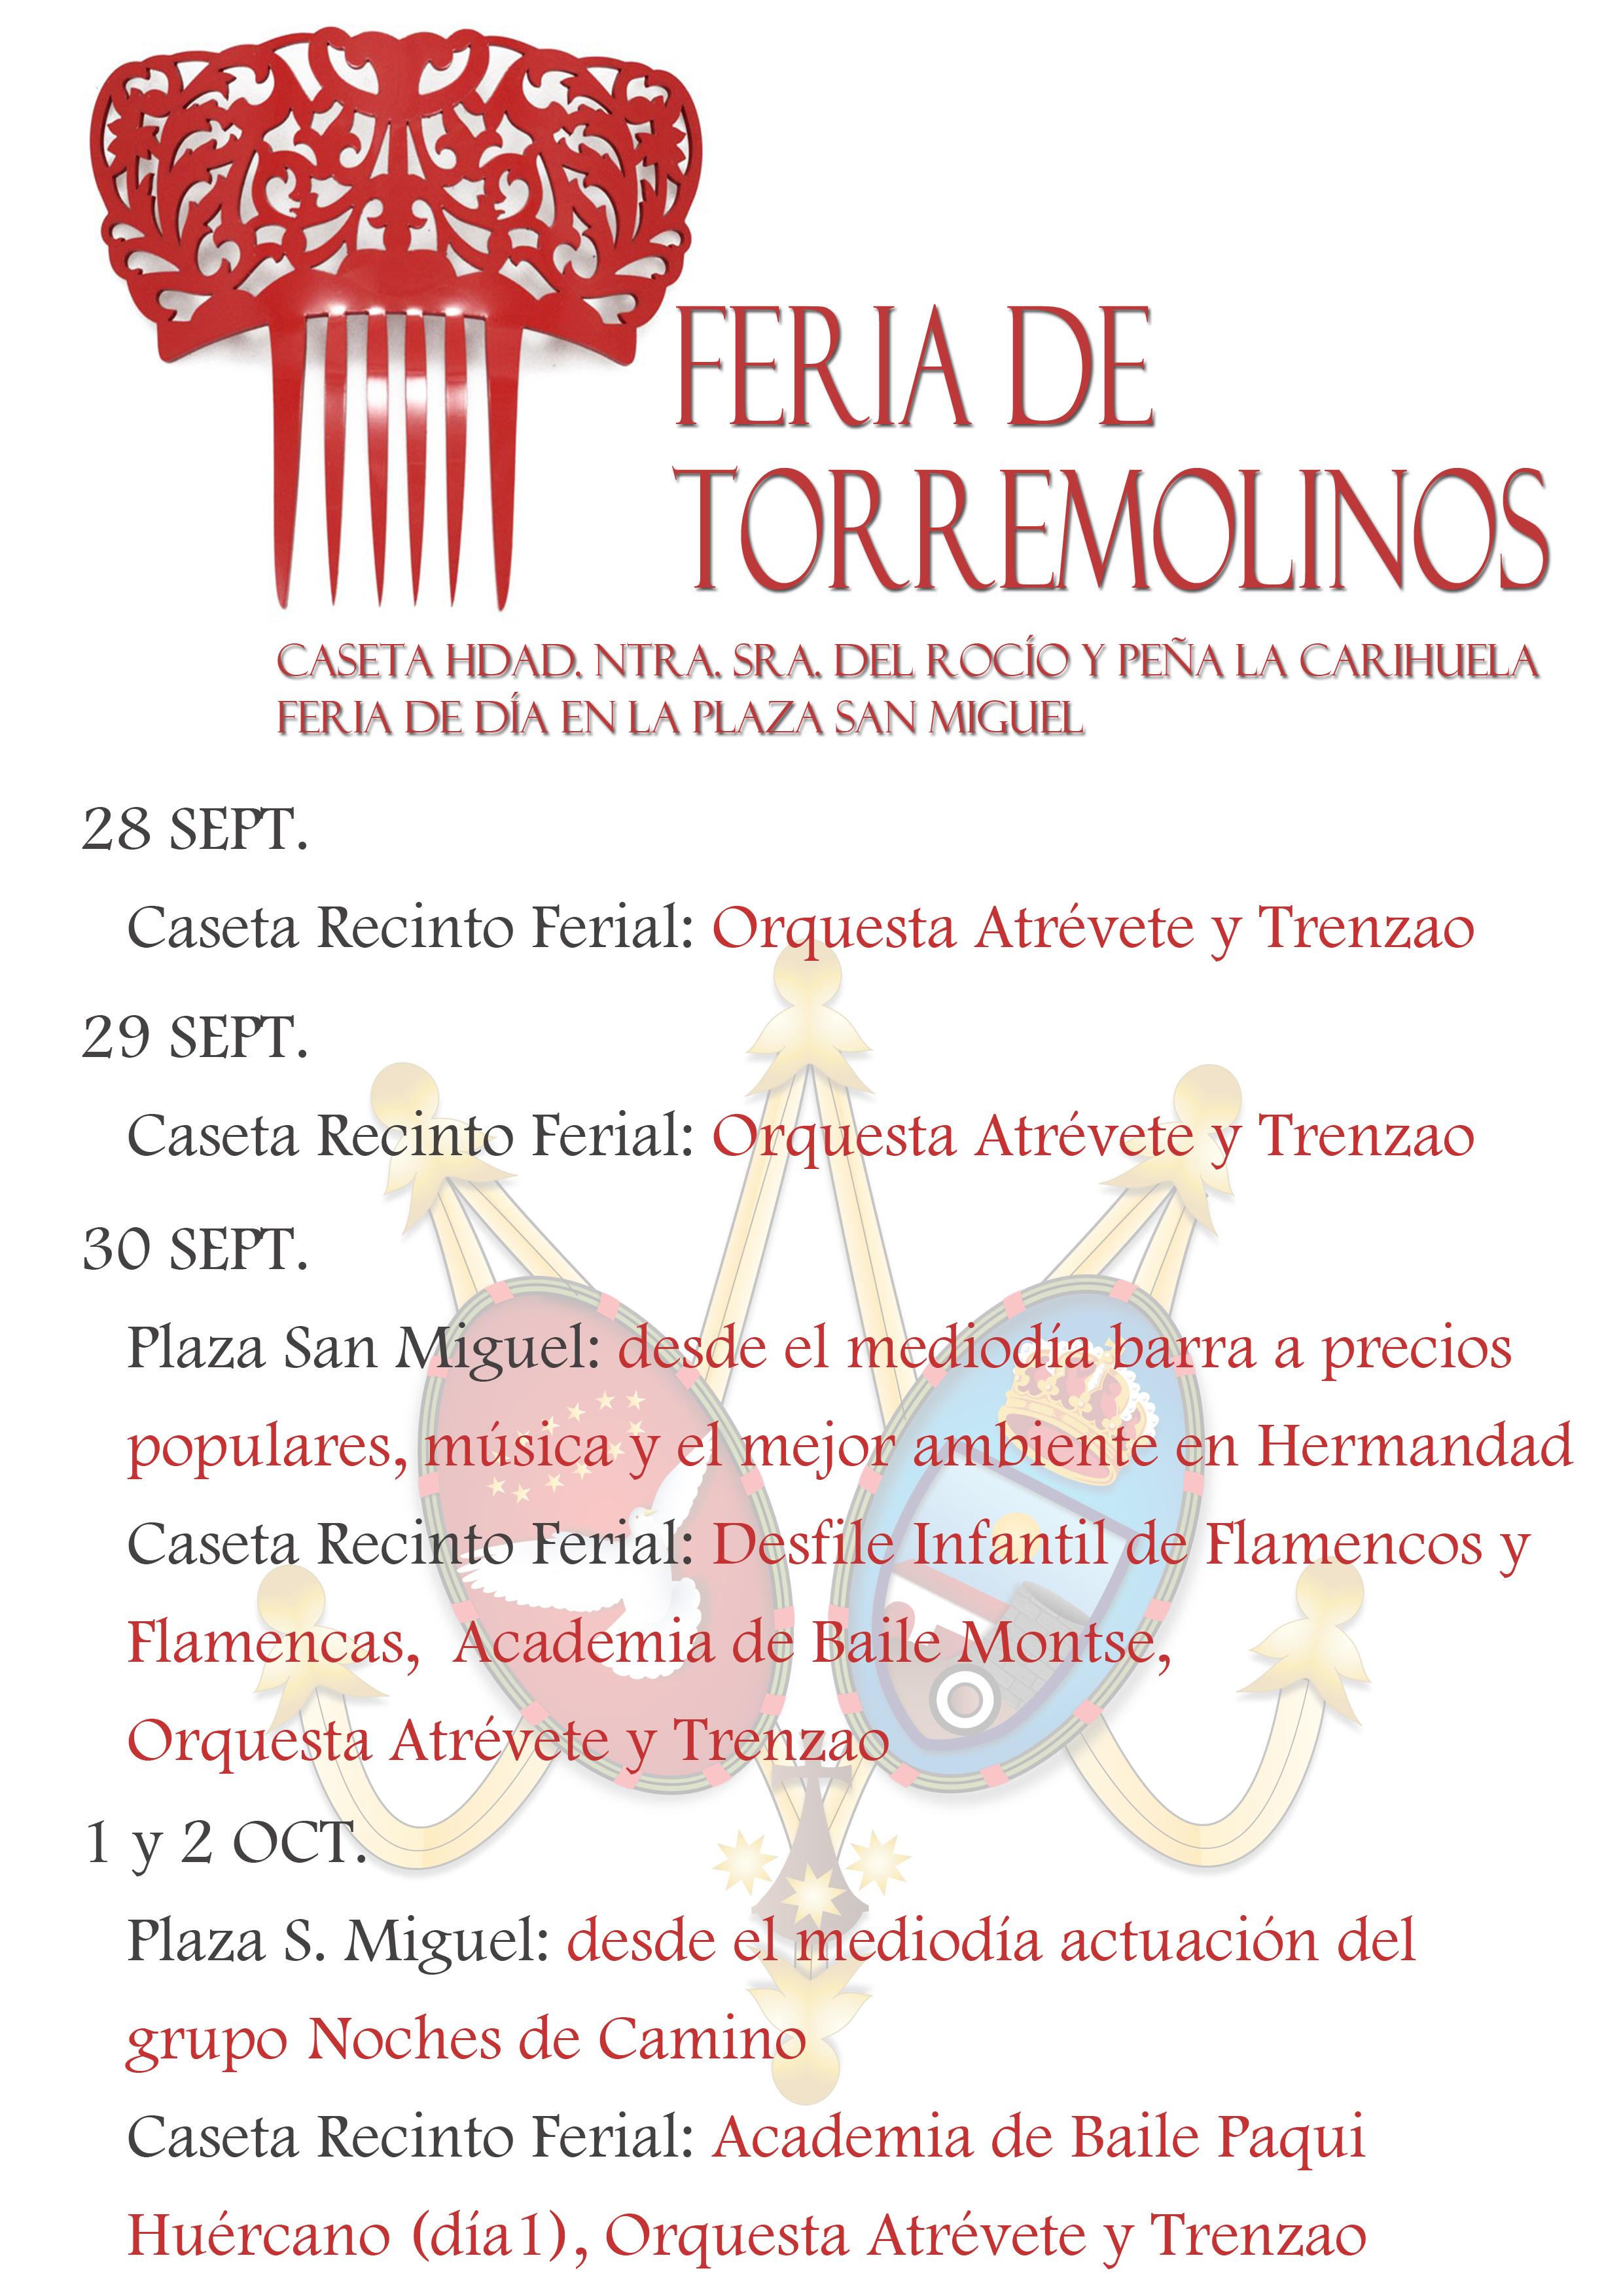 feria-torremolinos-2016